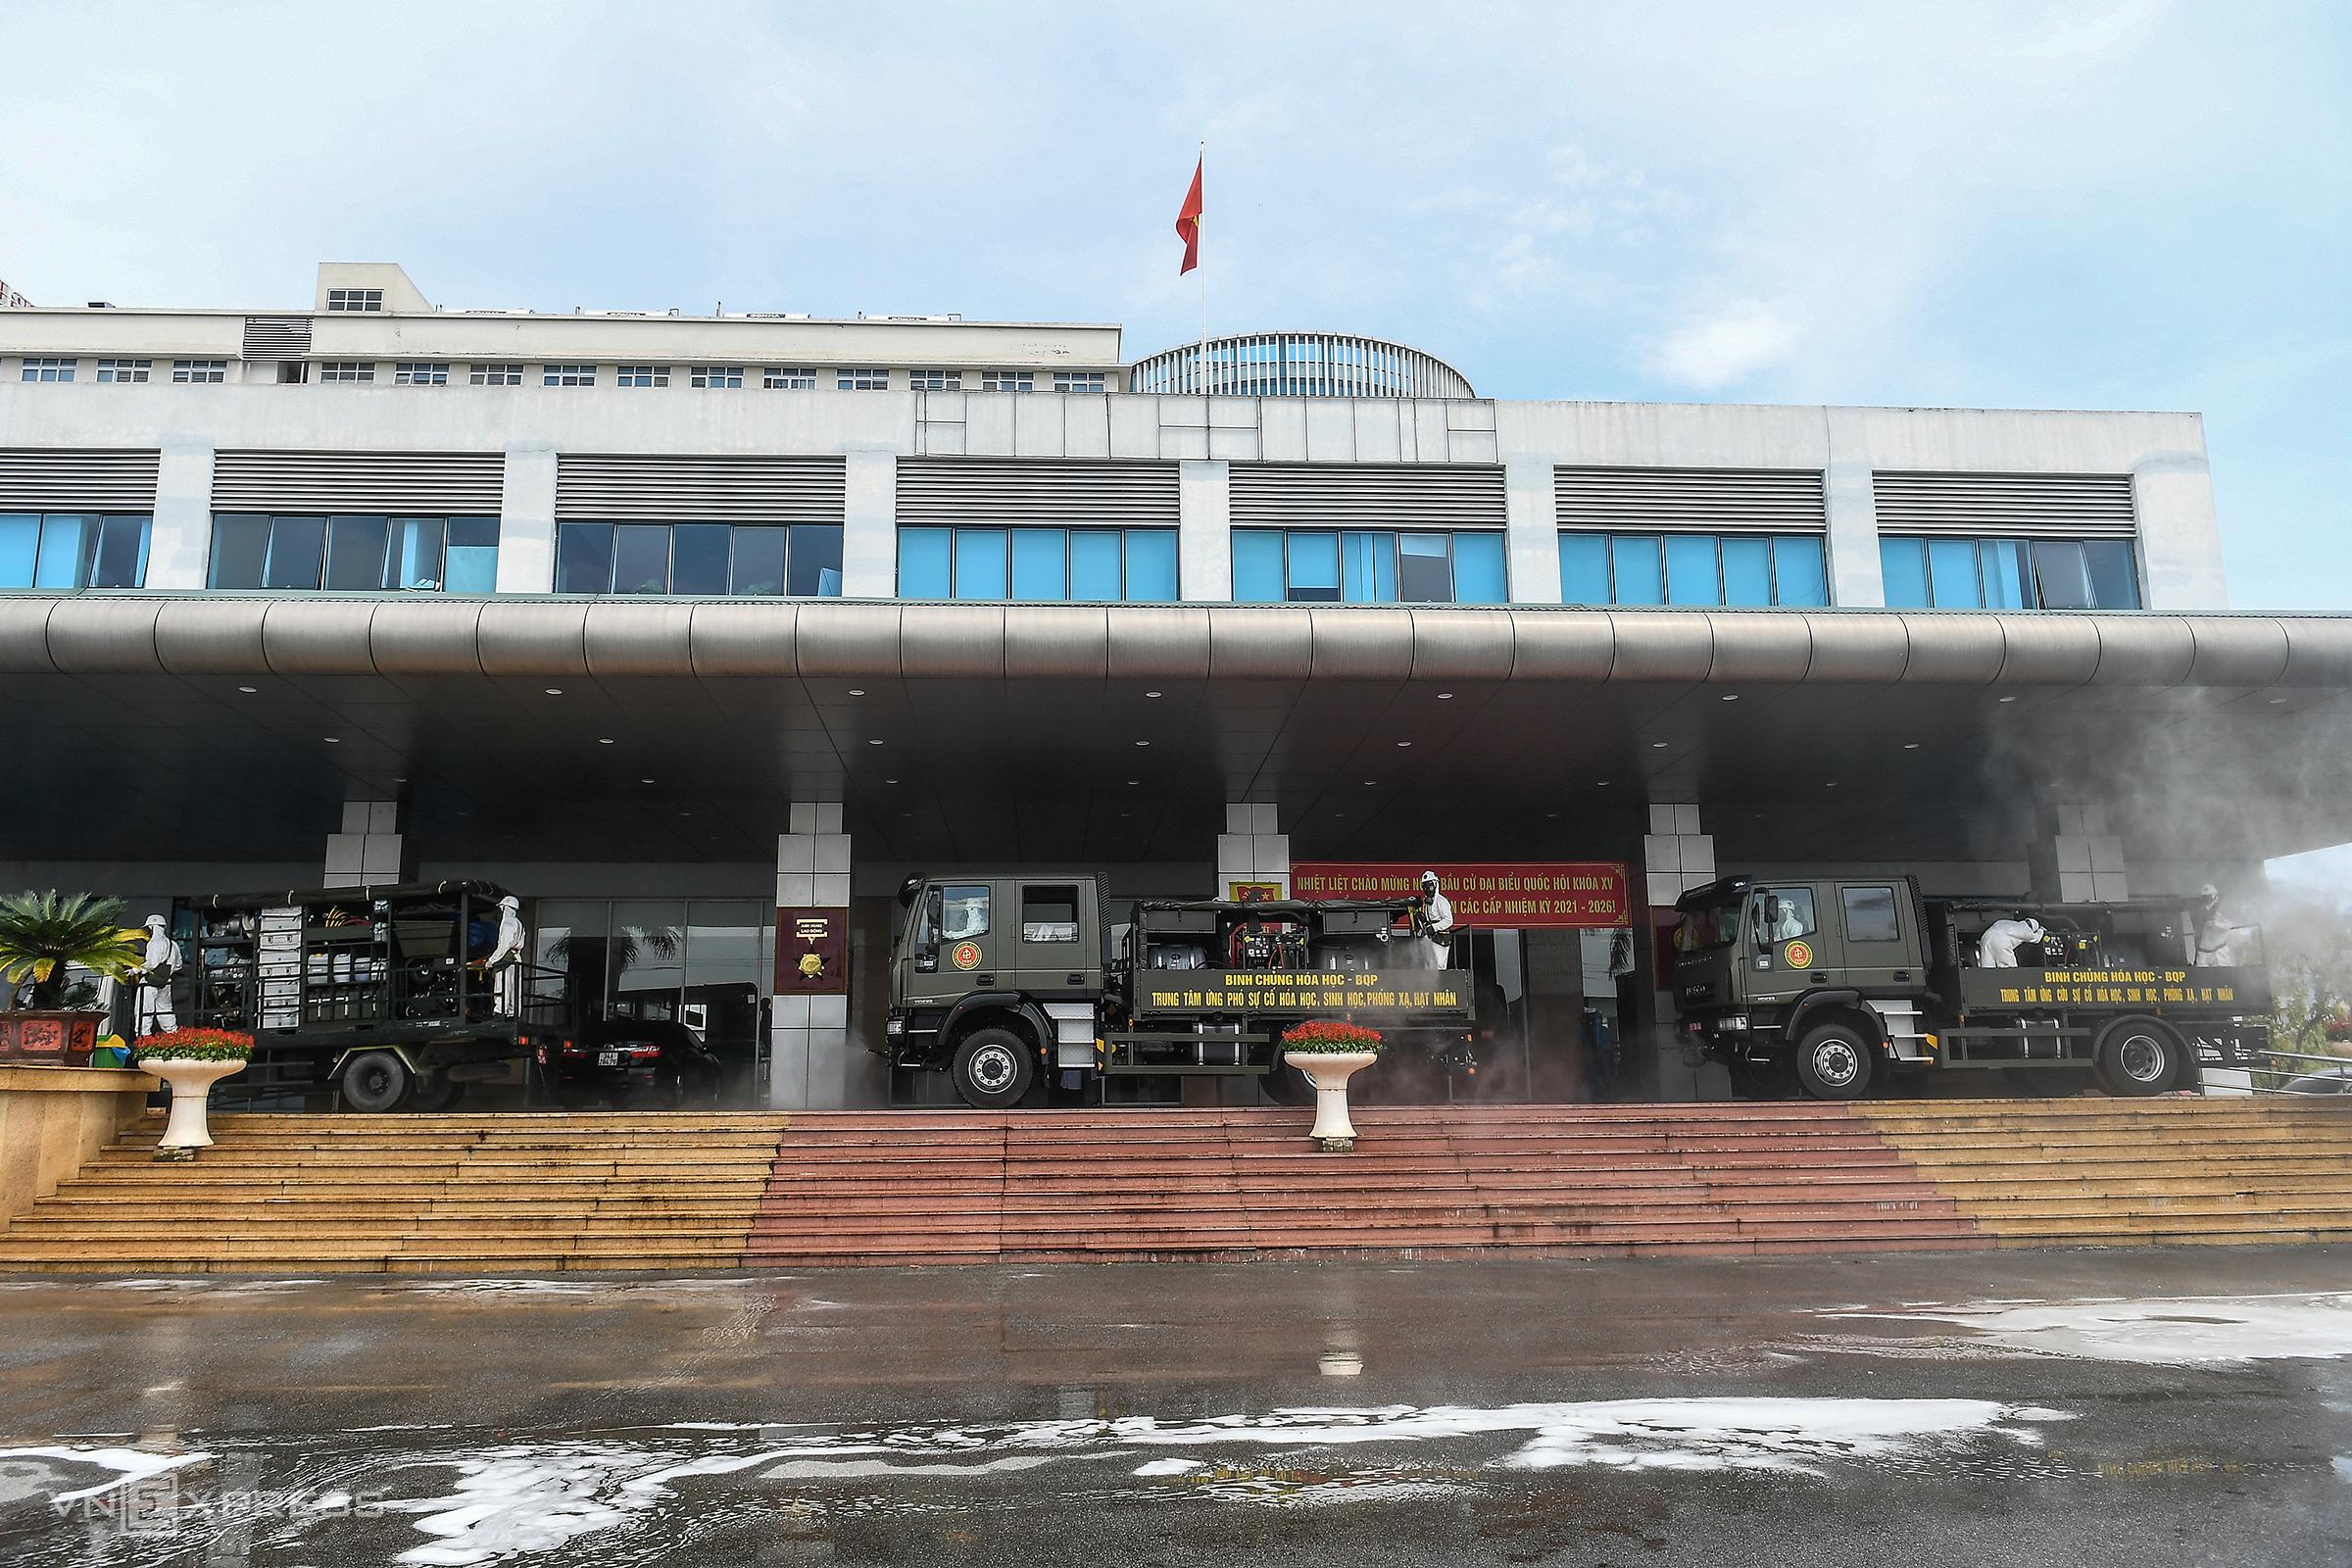 Binh chủng hoá học, bộ quốc phòng tiến hành phun khử trùng toàn bộ Bệnh viện Bệnh nhiệt đới Trung ương cơ sở Kim Chung, ngày 6/5. Ảnh: Giang Huy.